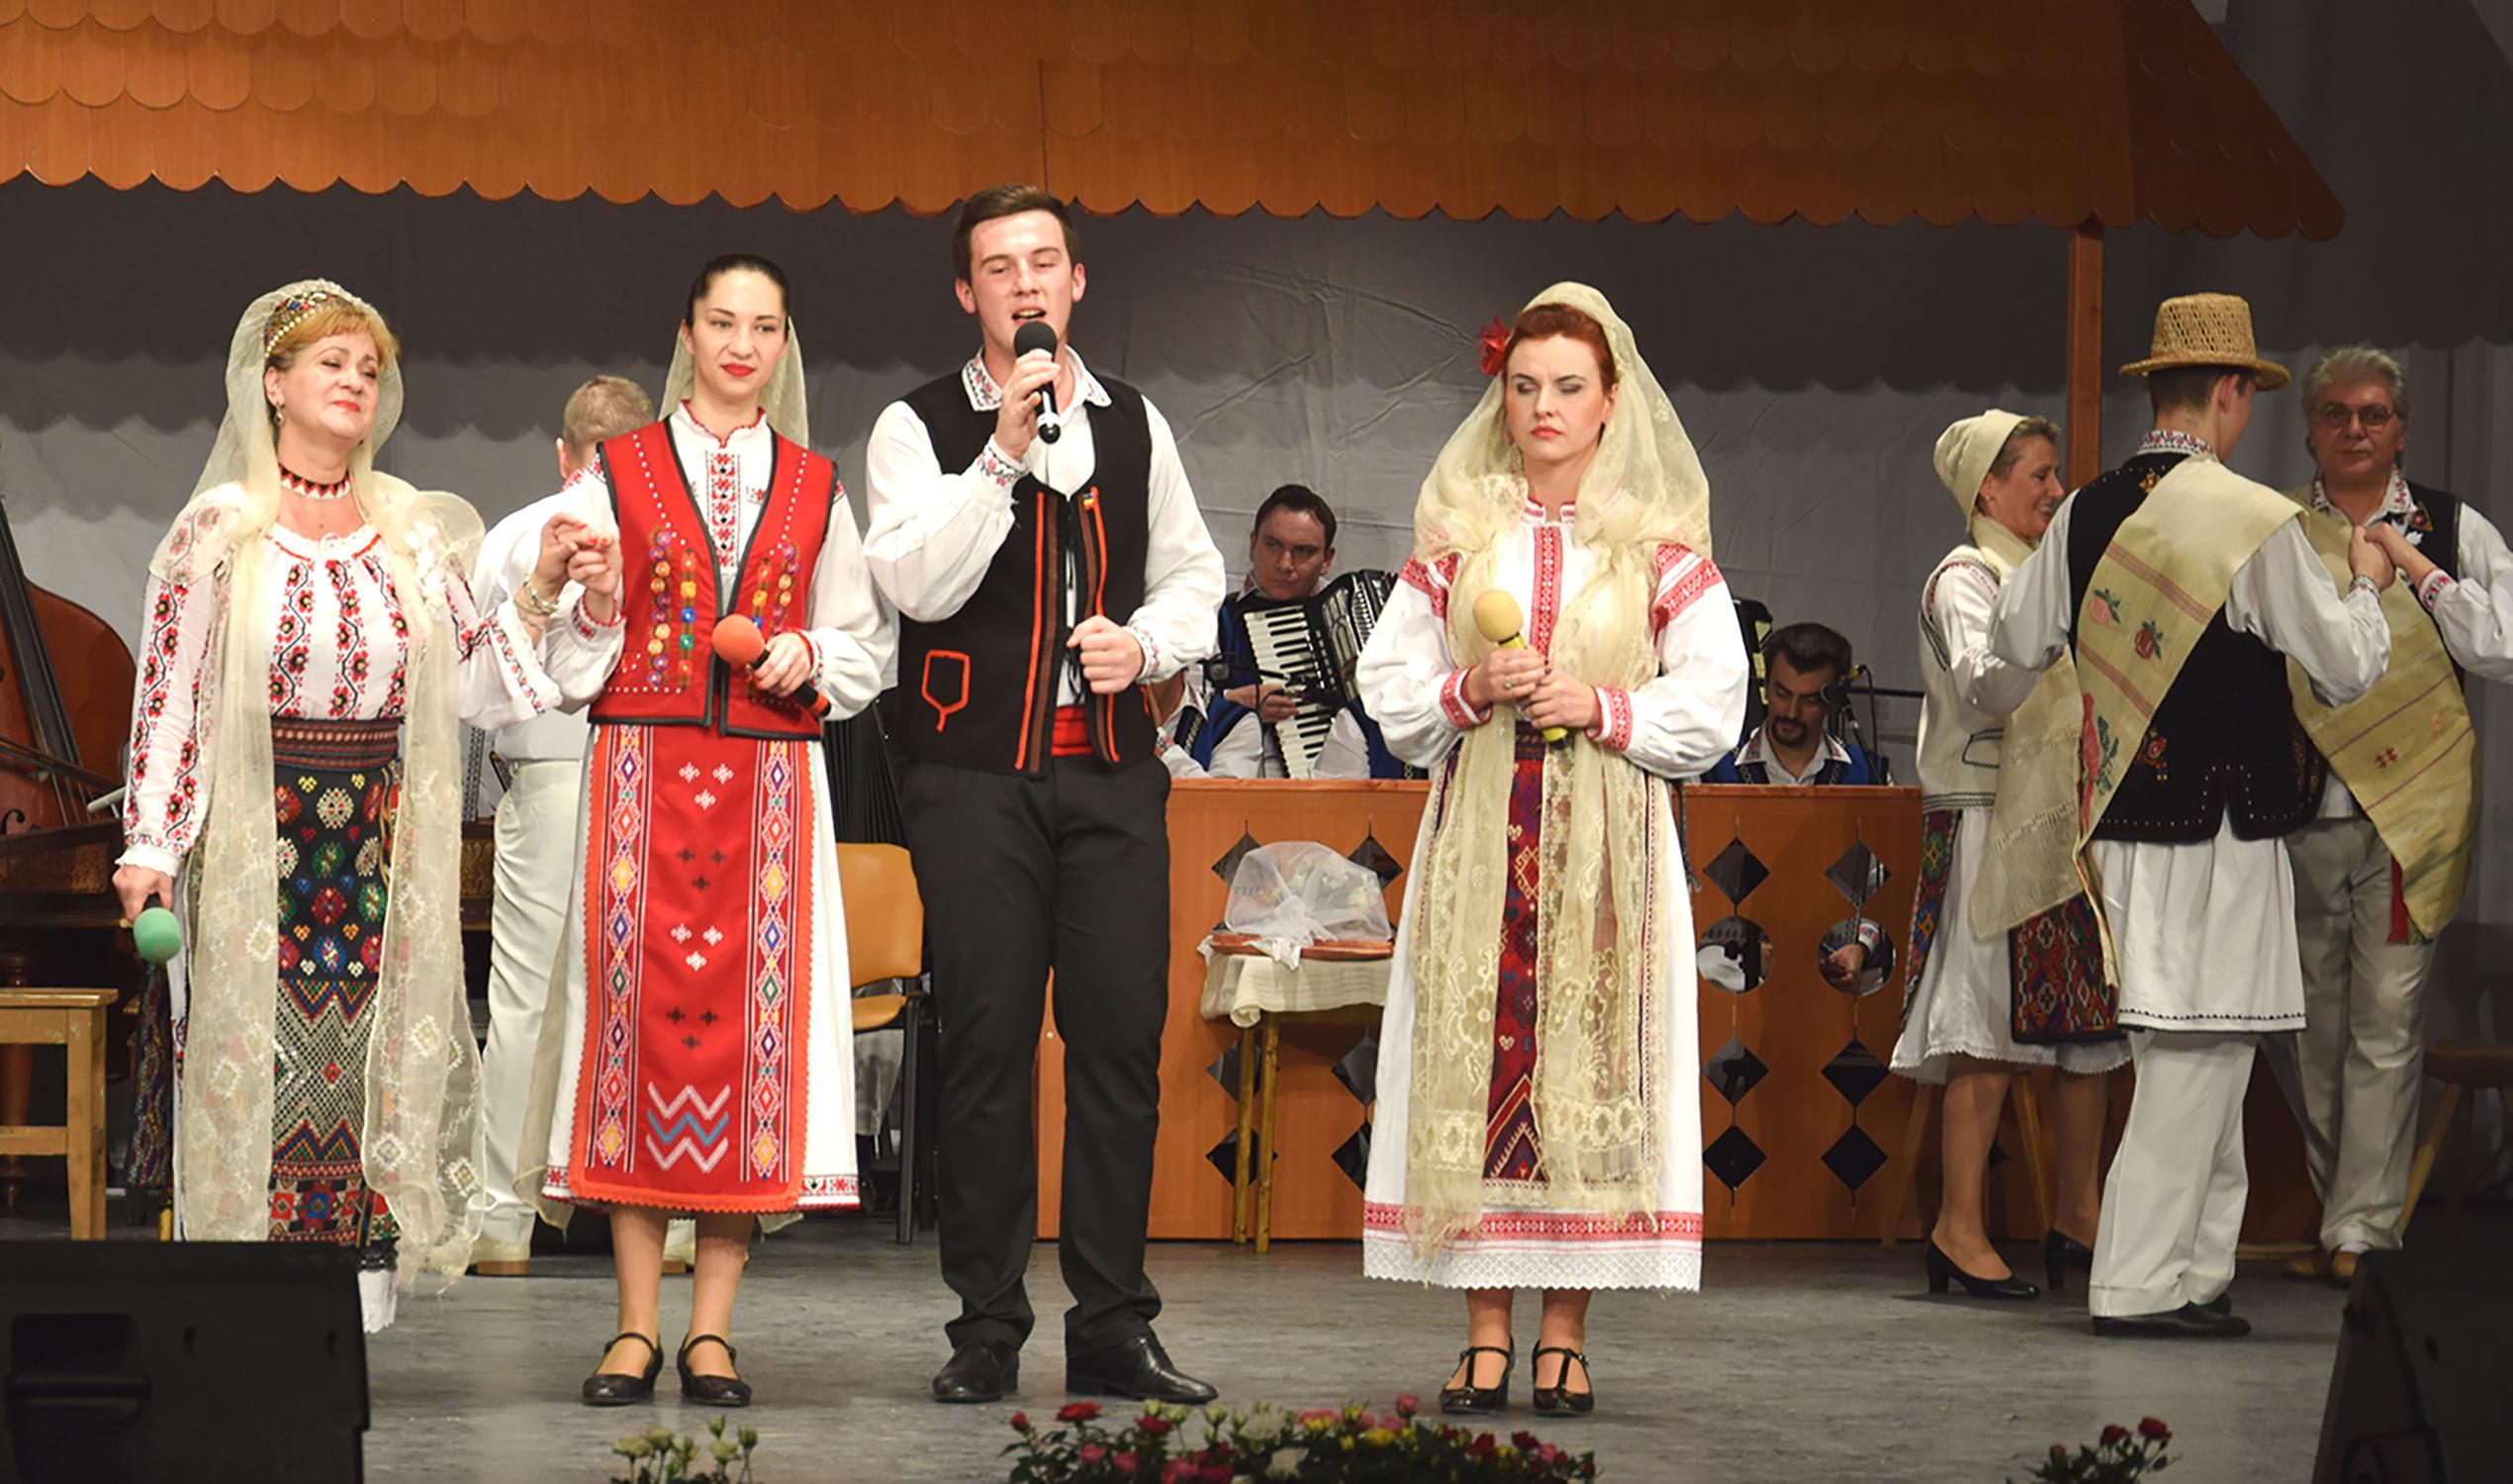 9.Soliștii grupului vocal (de la stânga spre dreapta): Georgeta Nichifor, Laura Feraru, Răzvan Poșchină și Petruța Ecaterina Buță